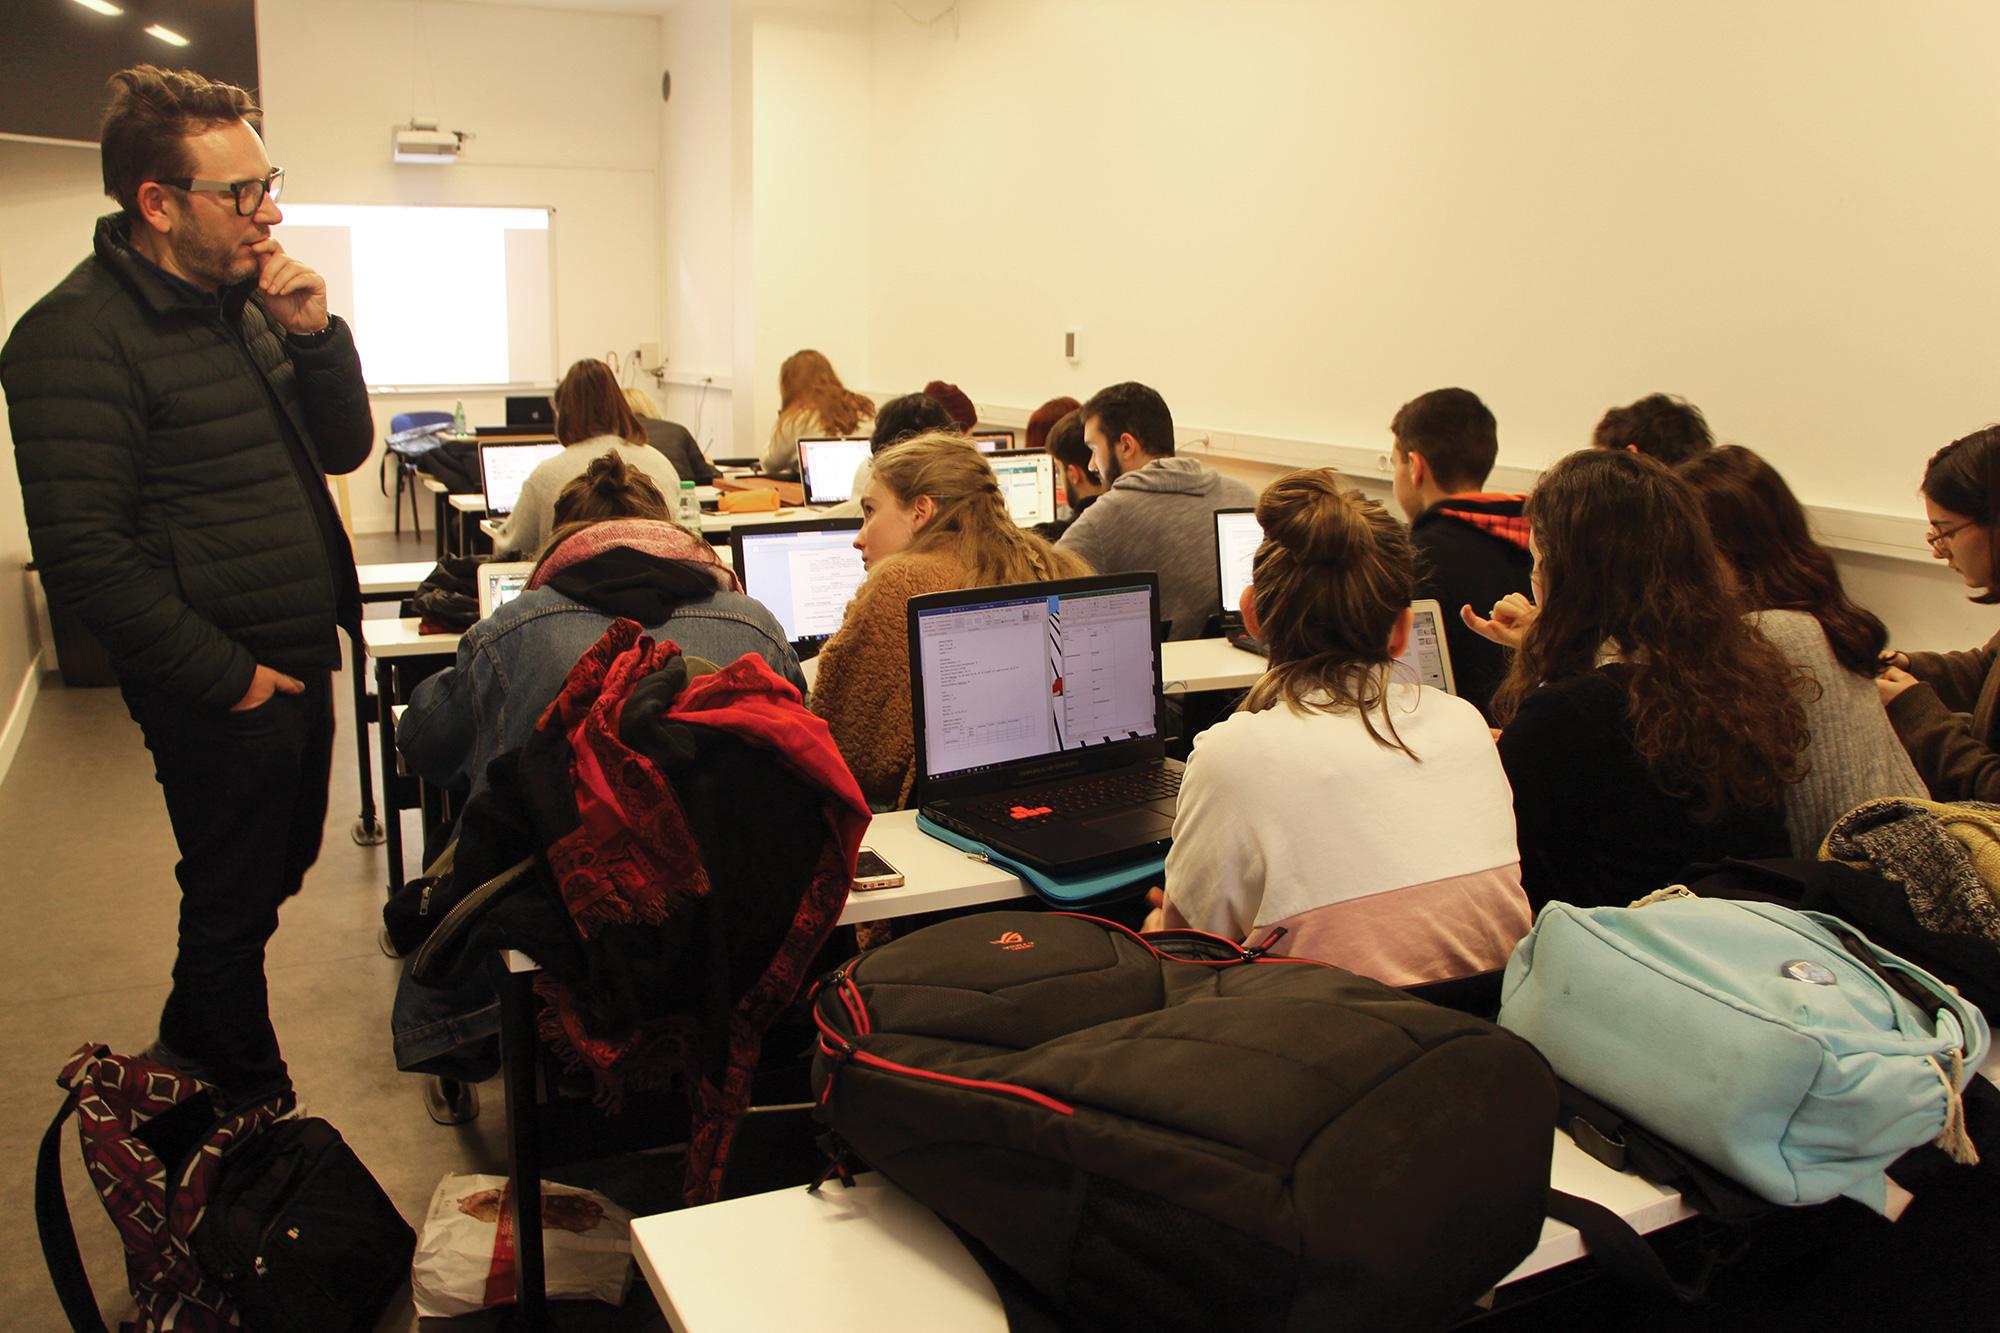 Maurice Hermet donne une masterclass Assistant Réalisateur aux étudiants Ynov Audiovisuel.